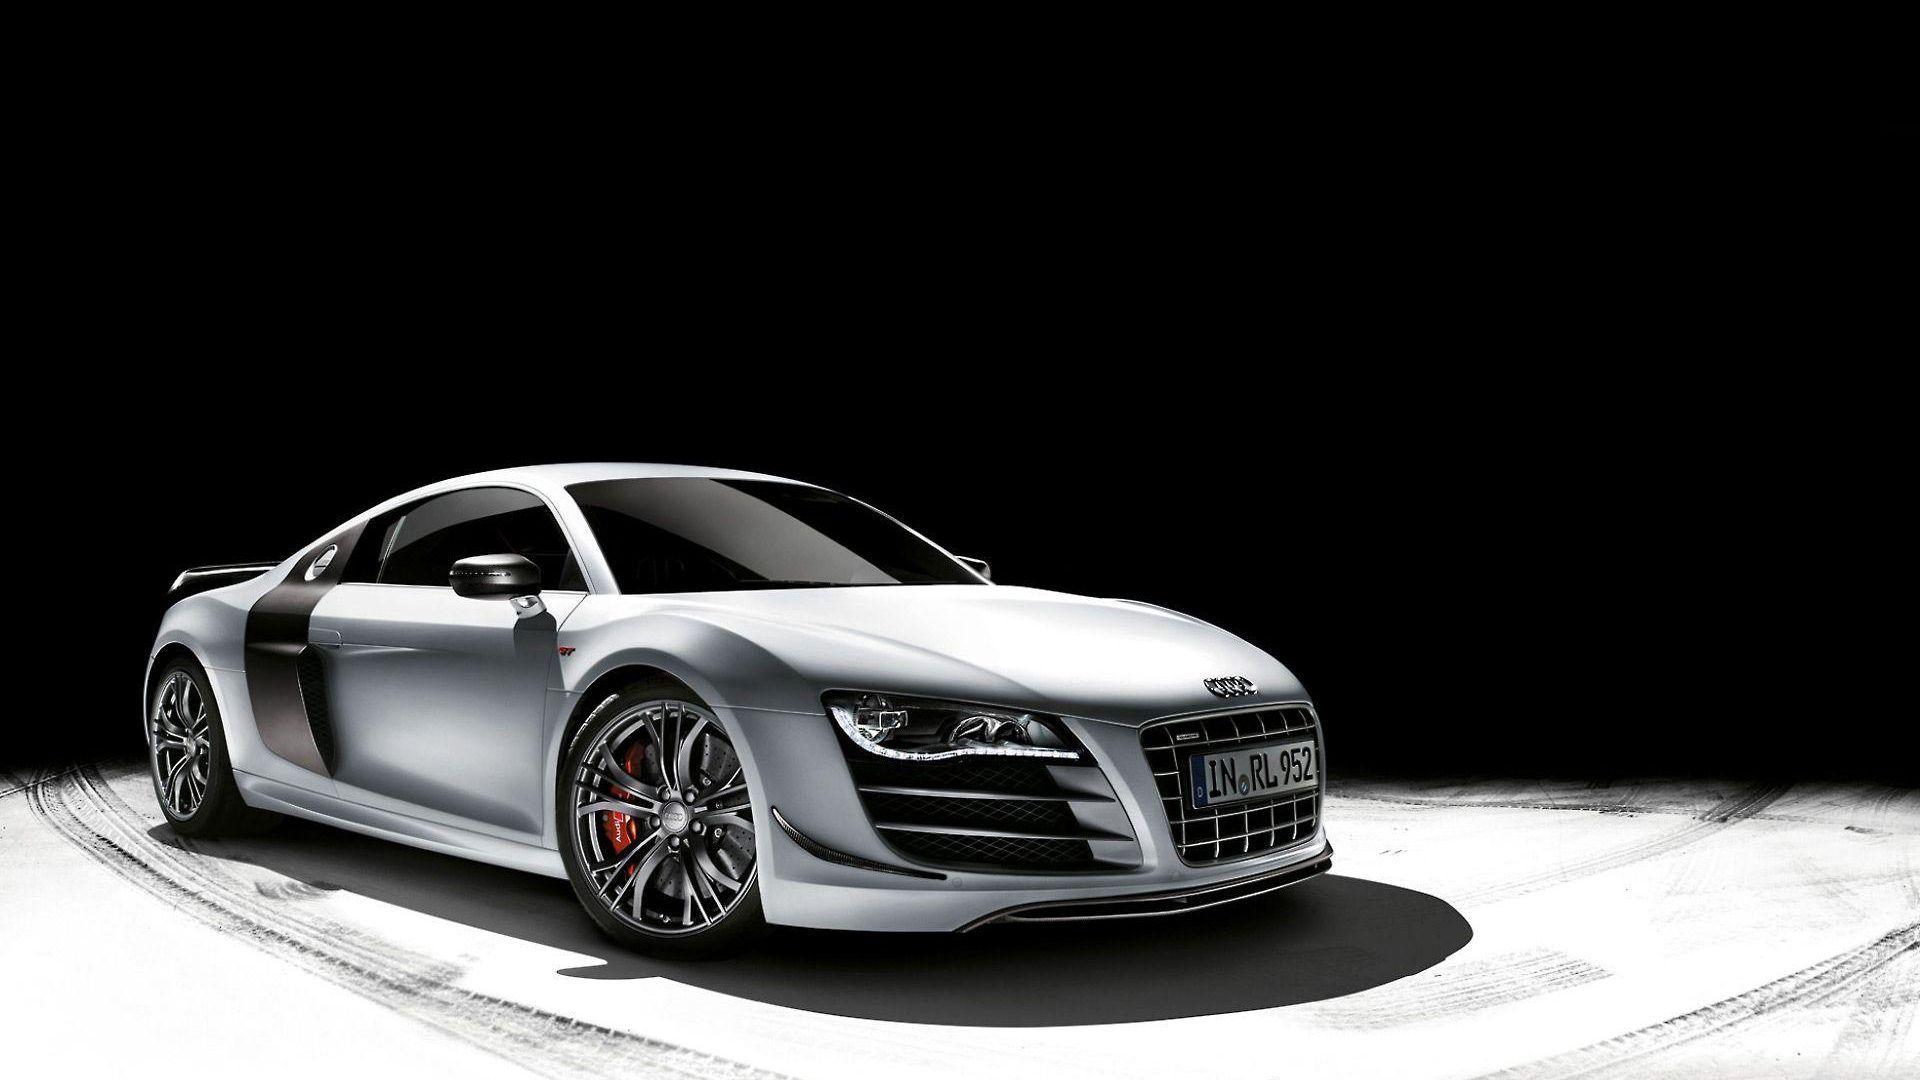 Audi R8 Desktop Wallpapers Hd